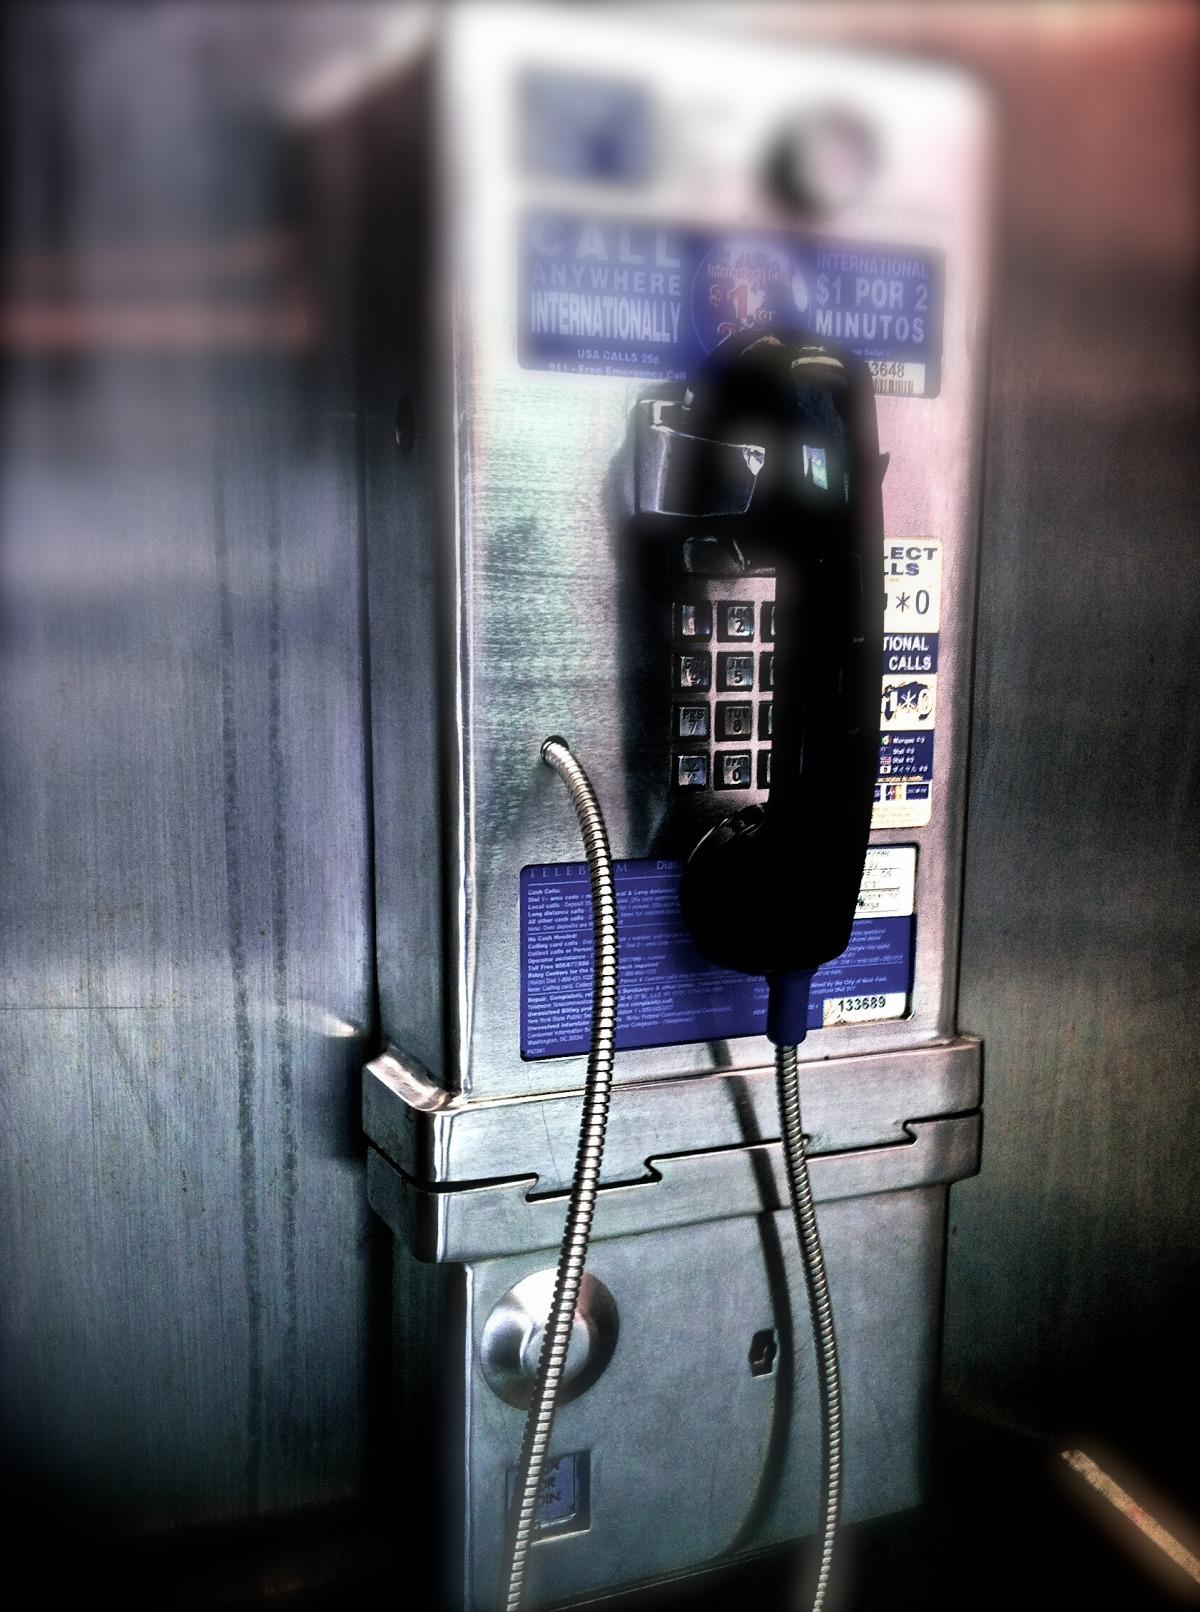 payphone export july 2012 7.jpg